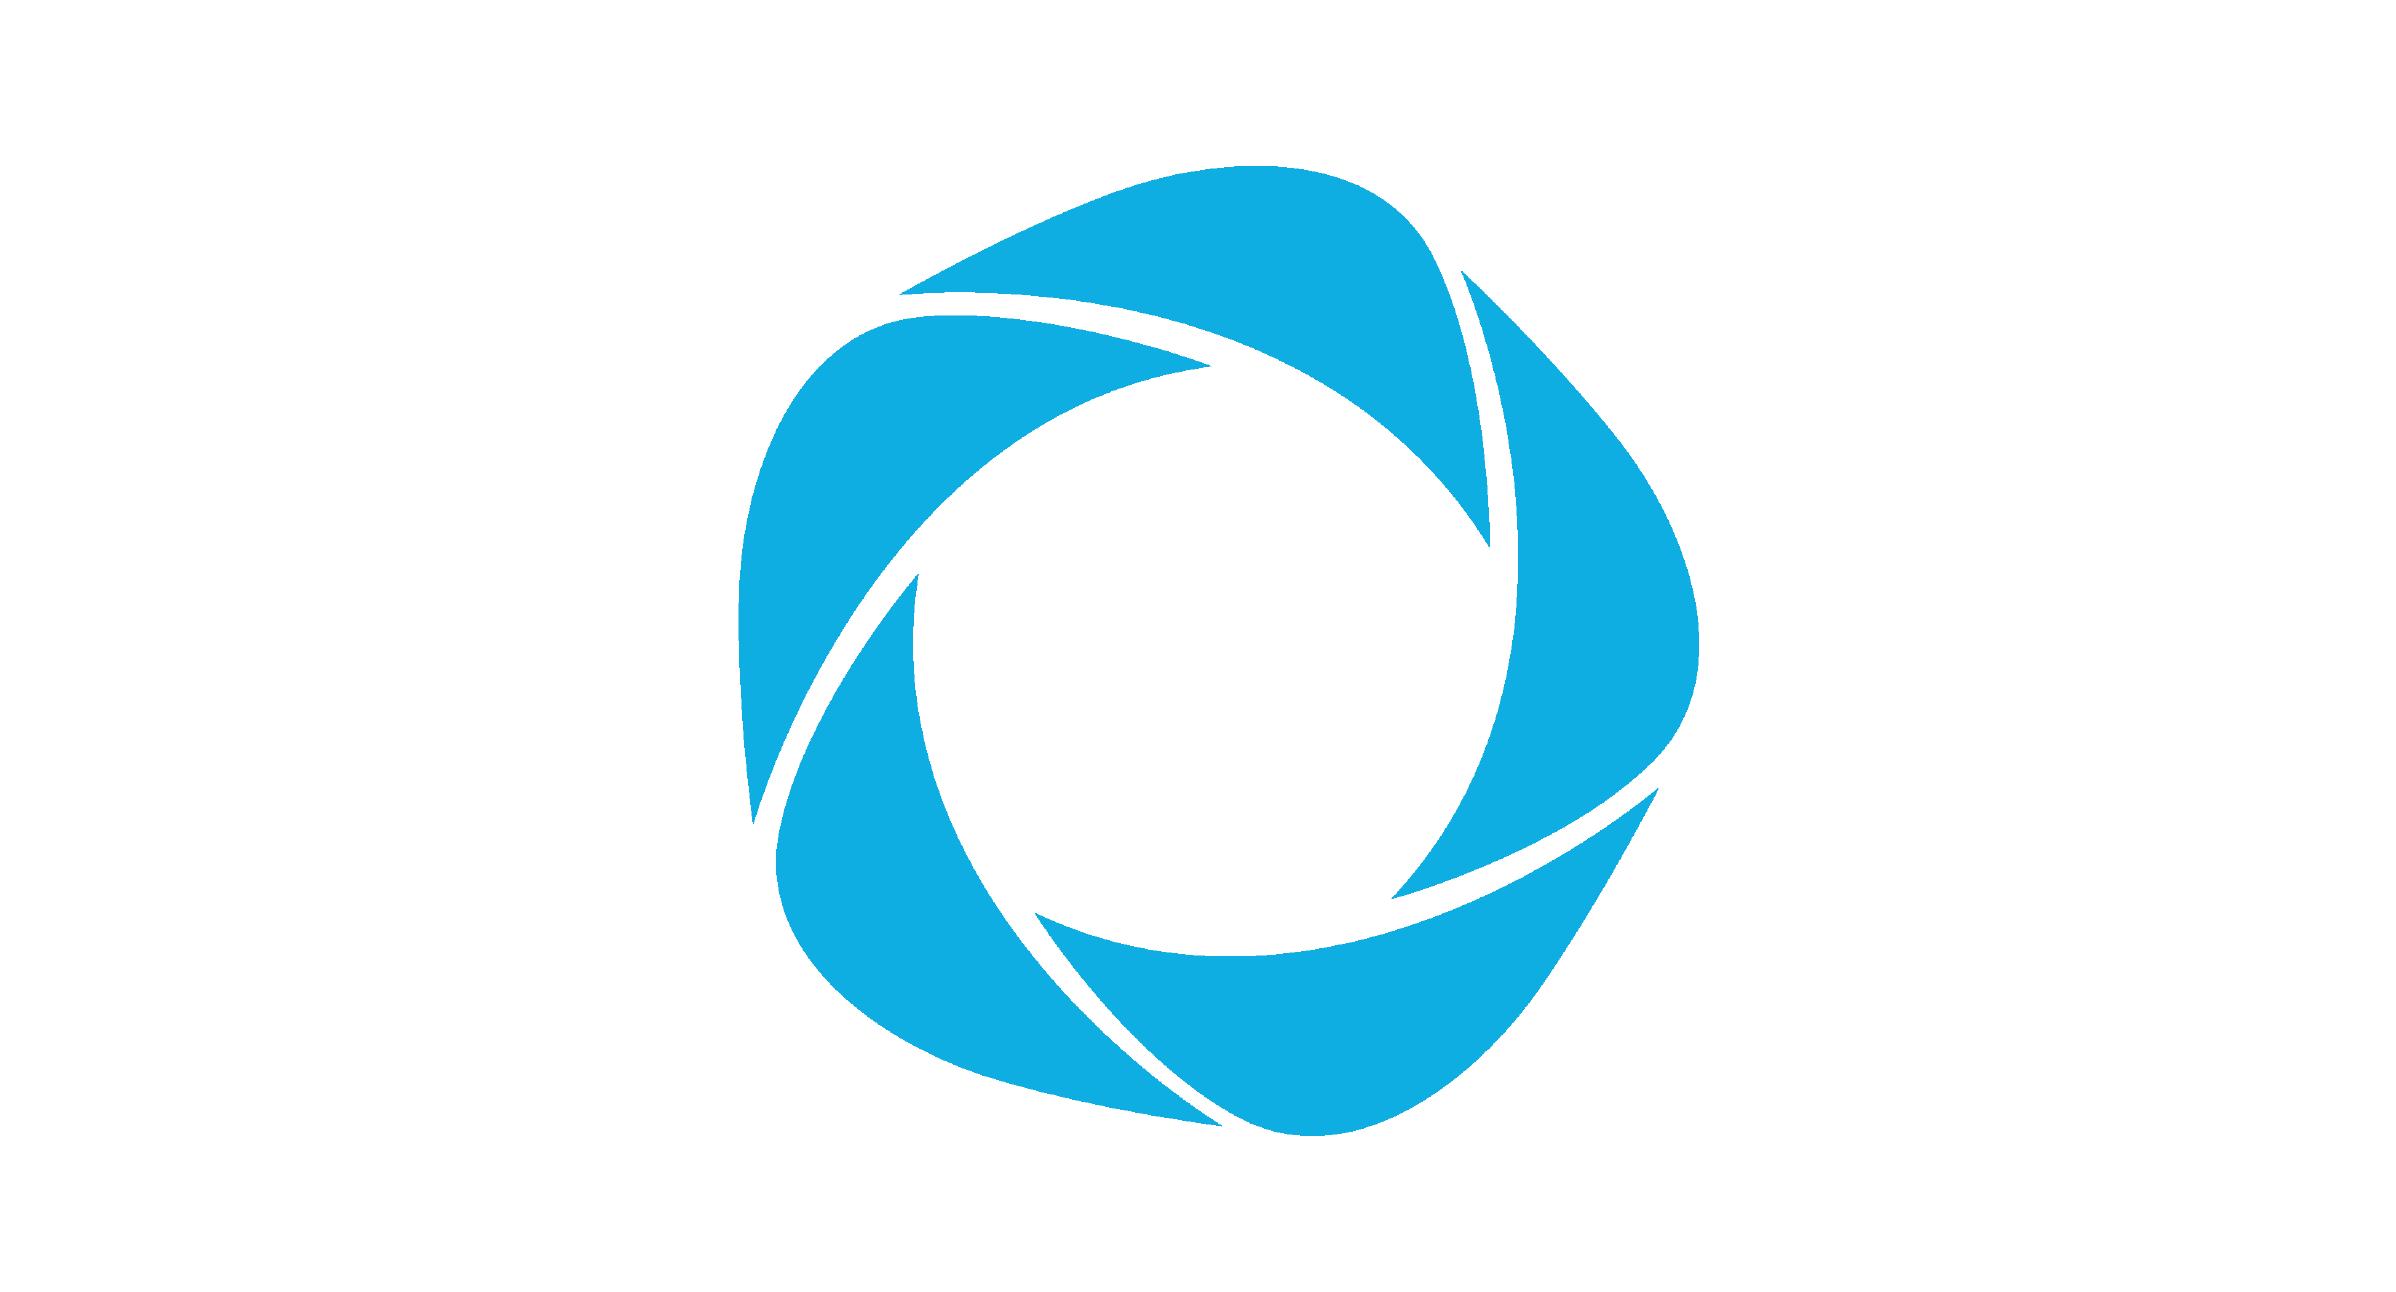 logo symbol-01.png